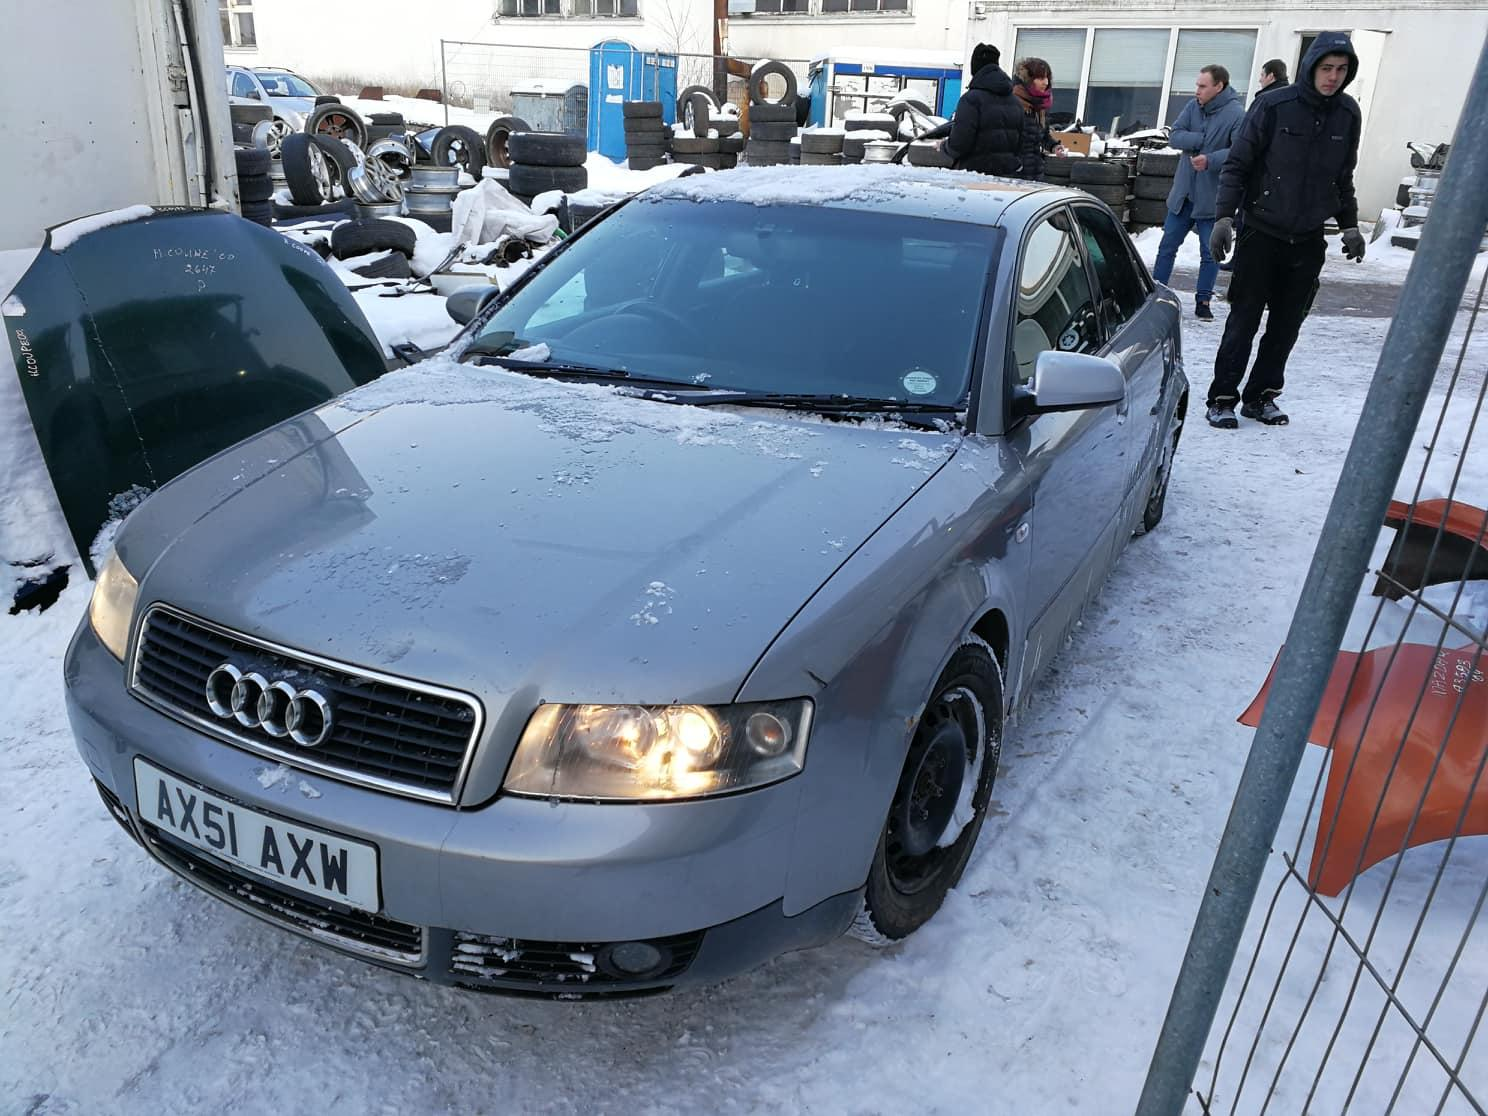 Подержанные Автозапчасти Foto 3 Audi A4 2001 1.9 машиностроение седан 4/5 d. серебро 2018-3-02 A3652